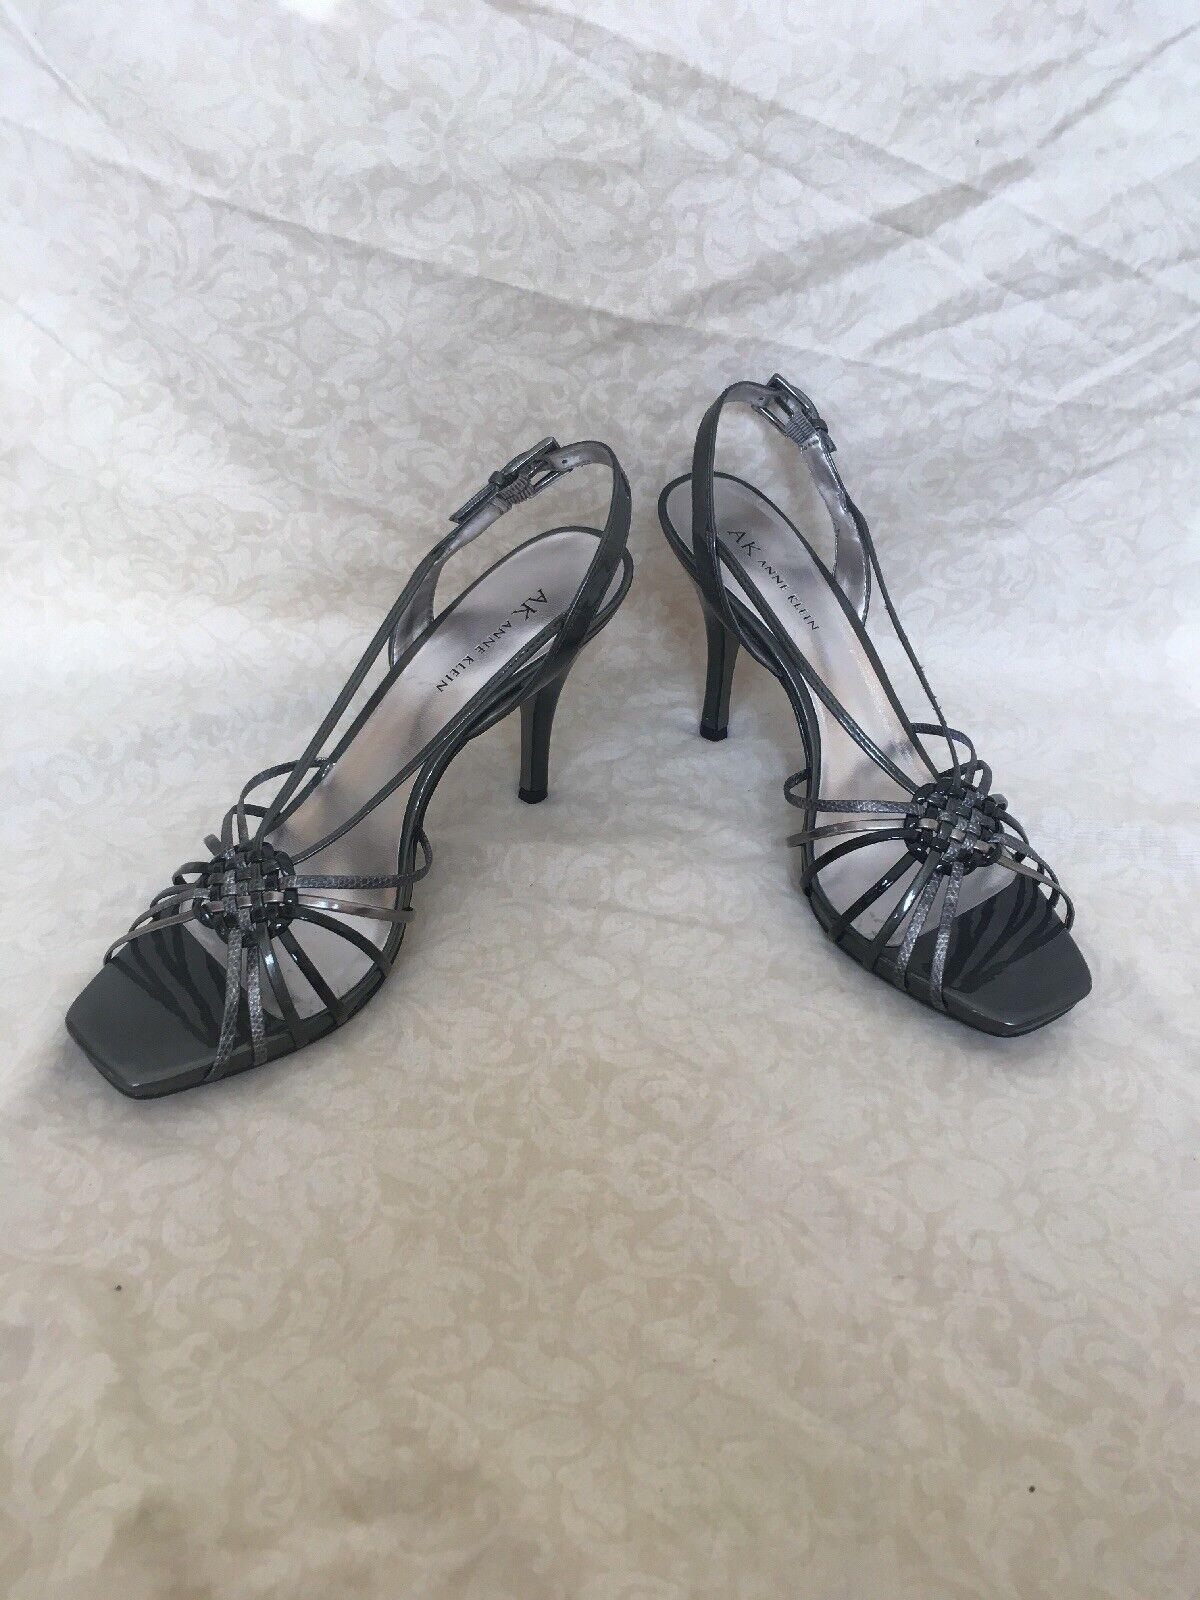 Anne Klein Akaplik Dark Silver Mul Patent Leder, Damens's Schuhes, Größe 9.5M